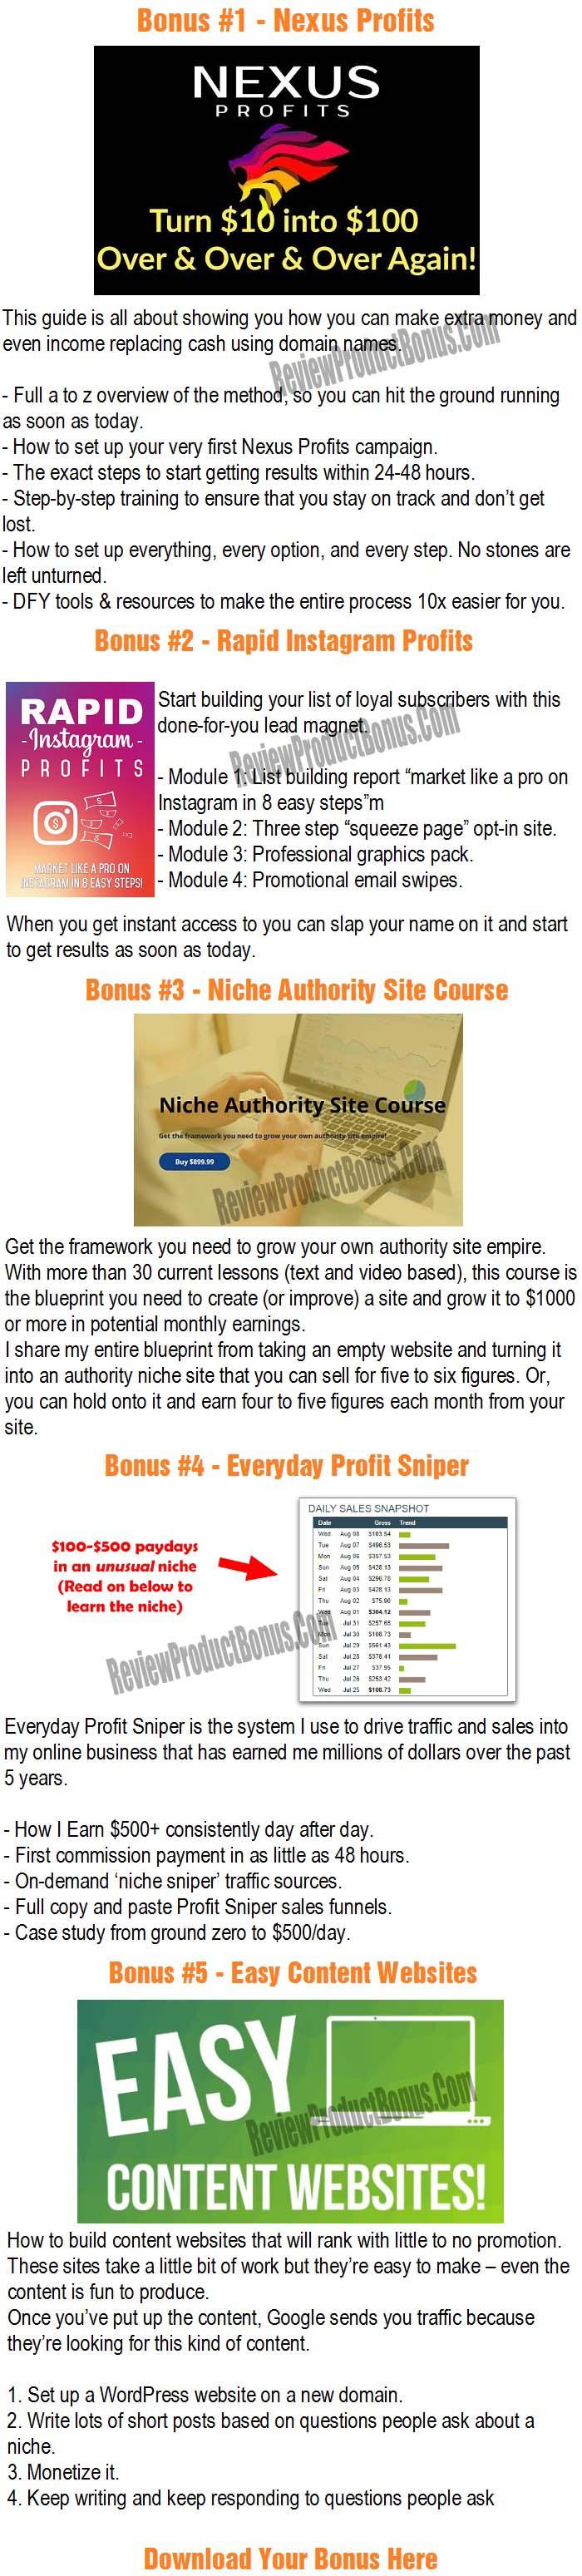 DFY Suite 2.0 Bonuses